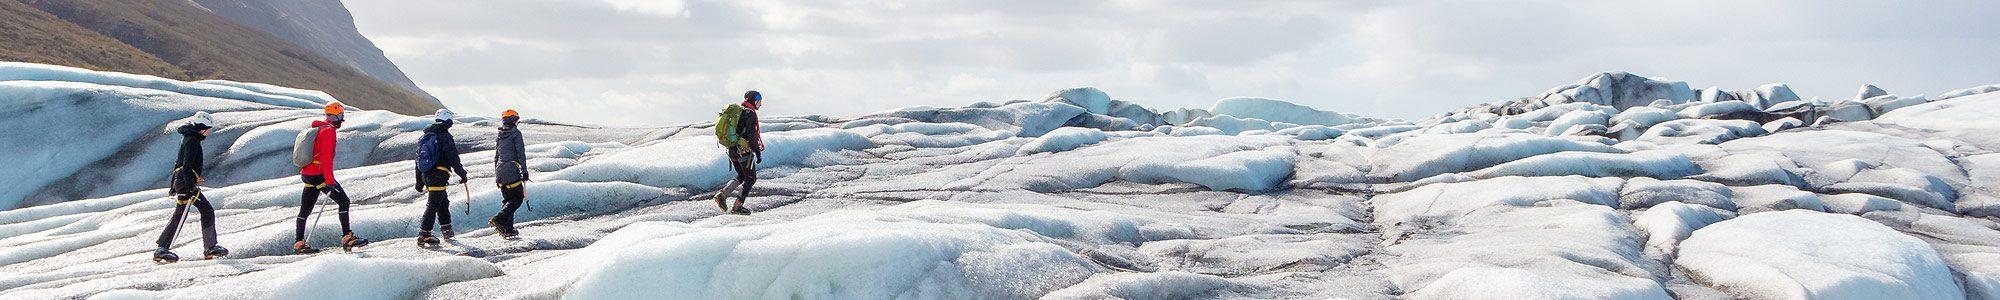 south-coast-glacier-adventure